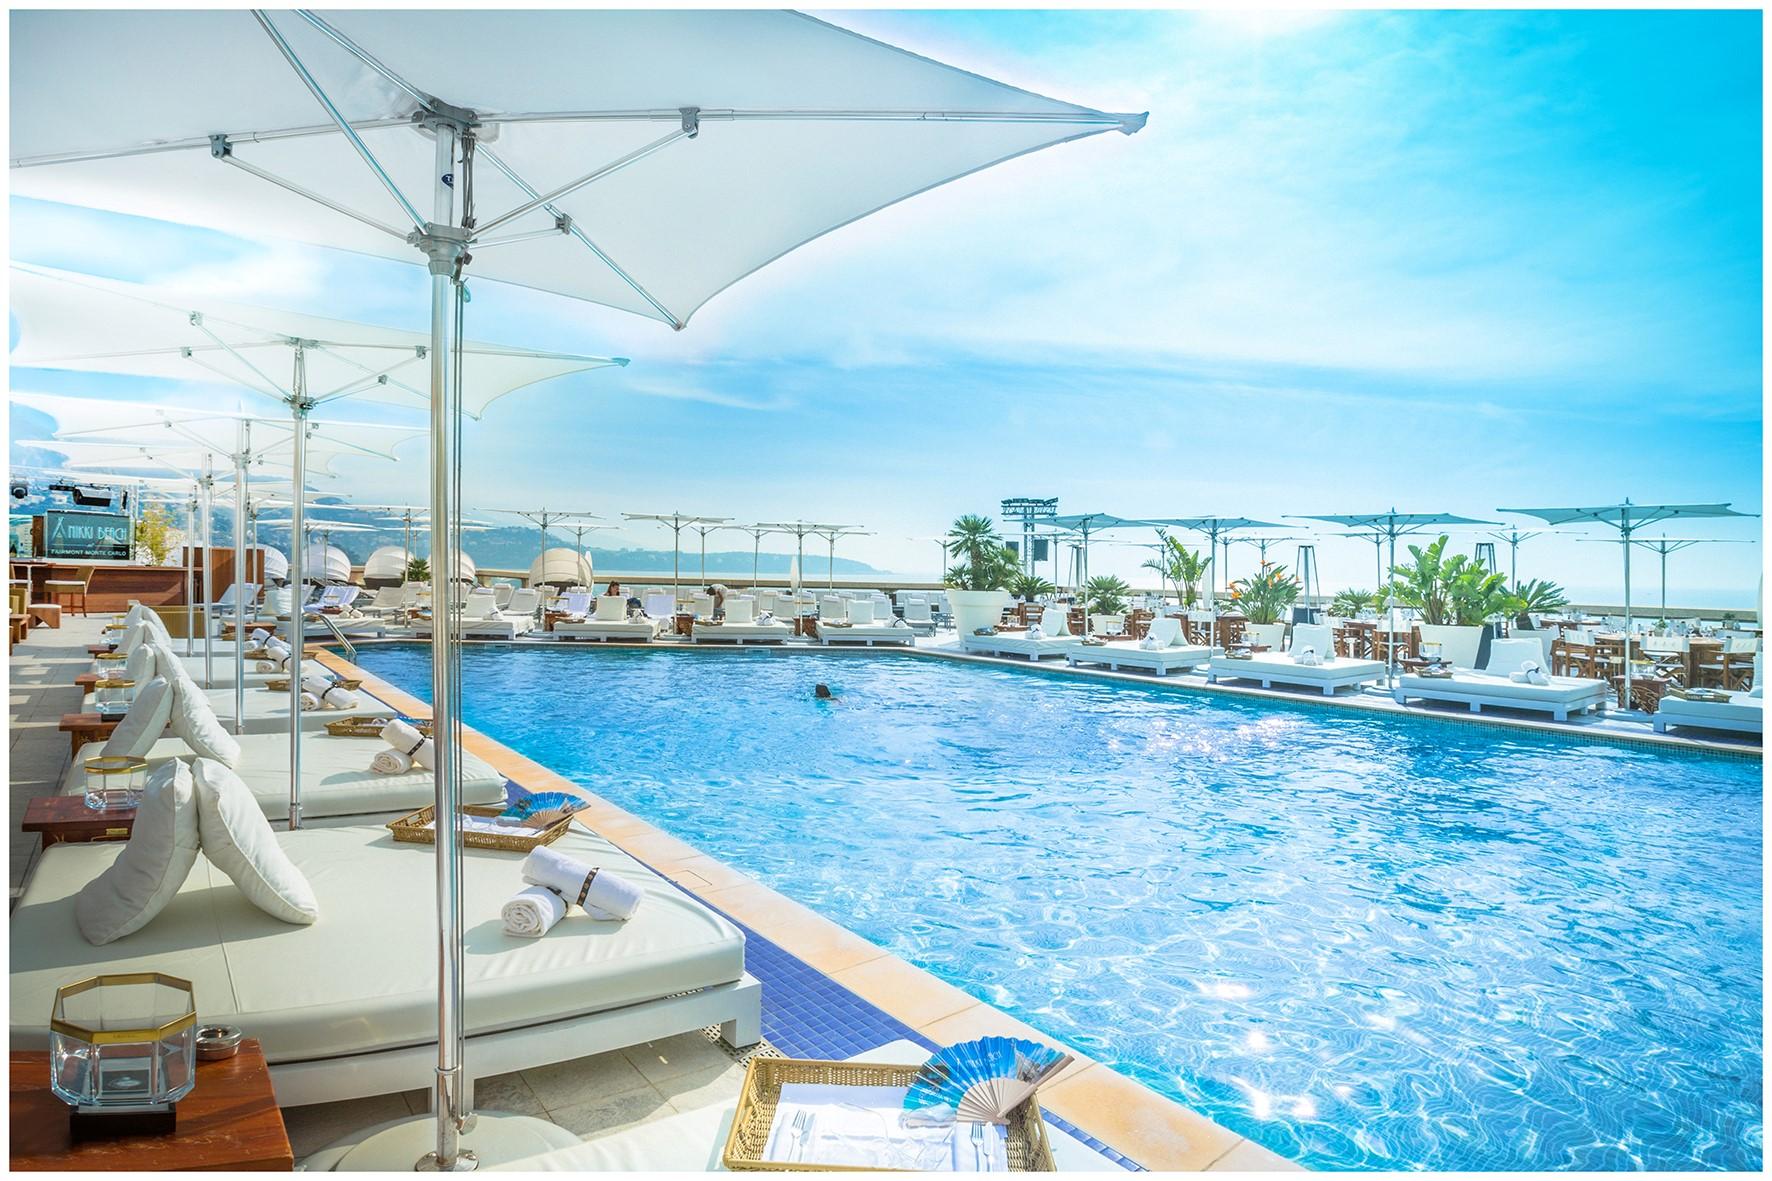 Mónaco, o pequeno principado que é um oásis de luxo